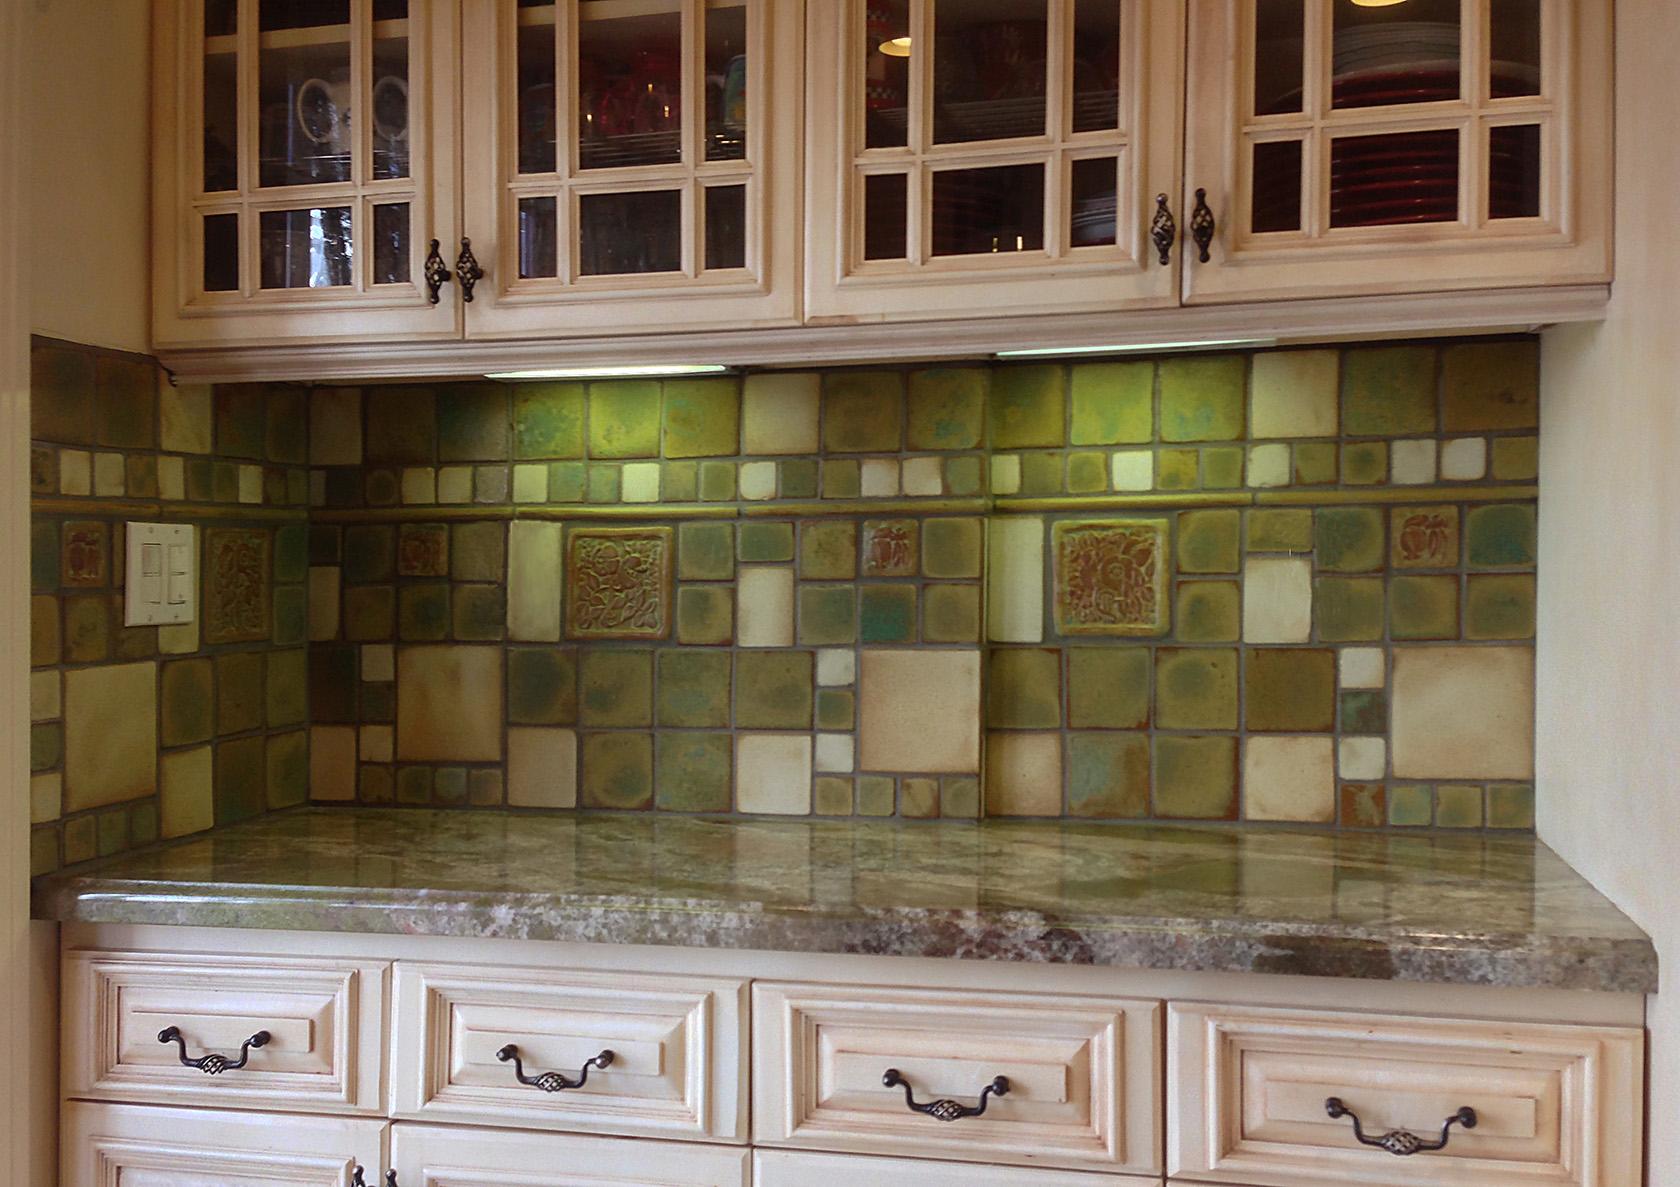 tile kitchen scrub brush kitchens pasadena craftsman appler